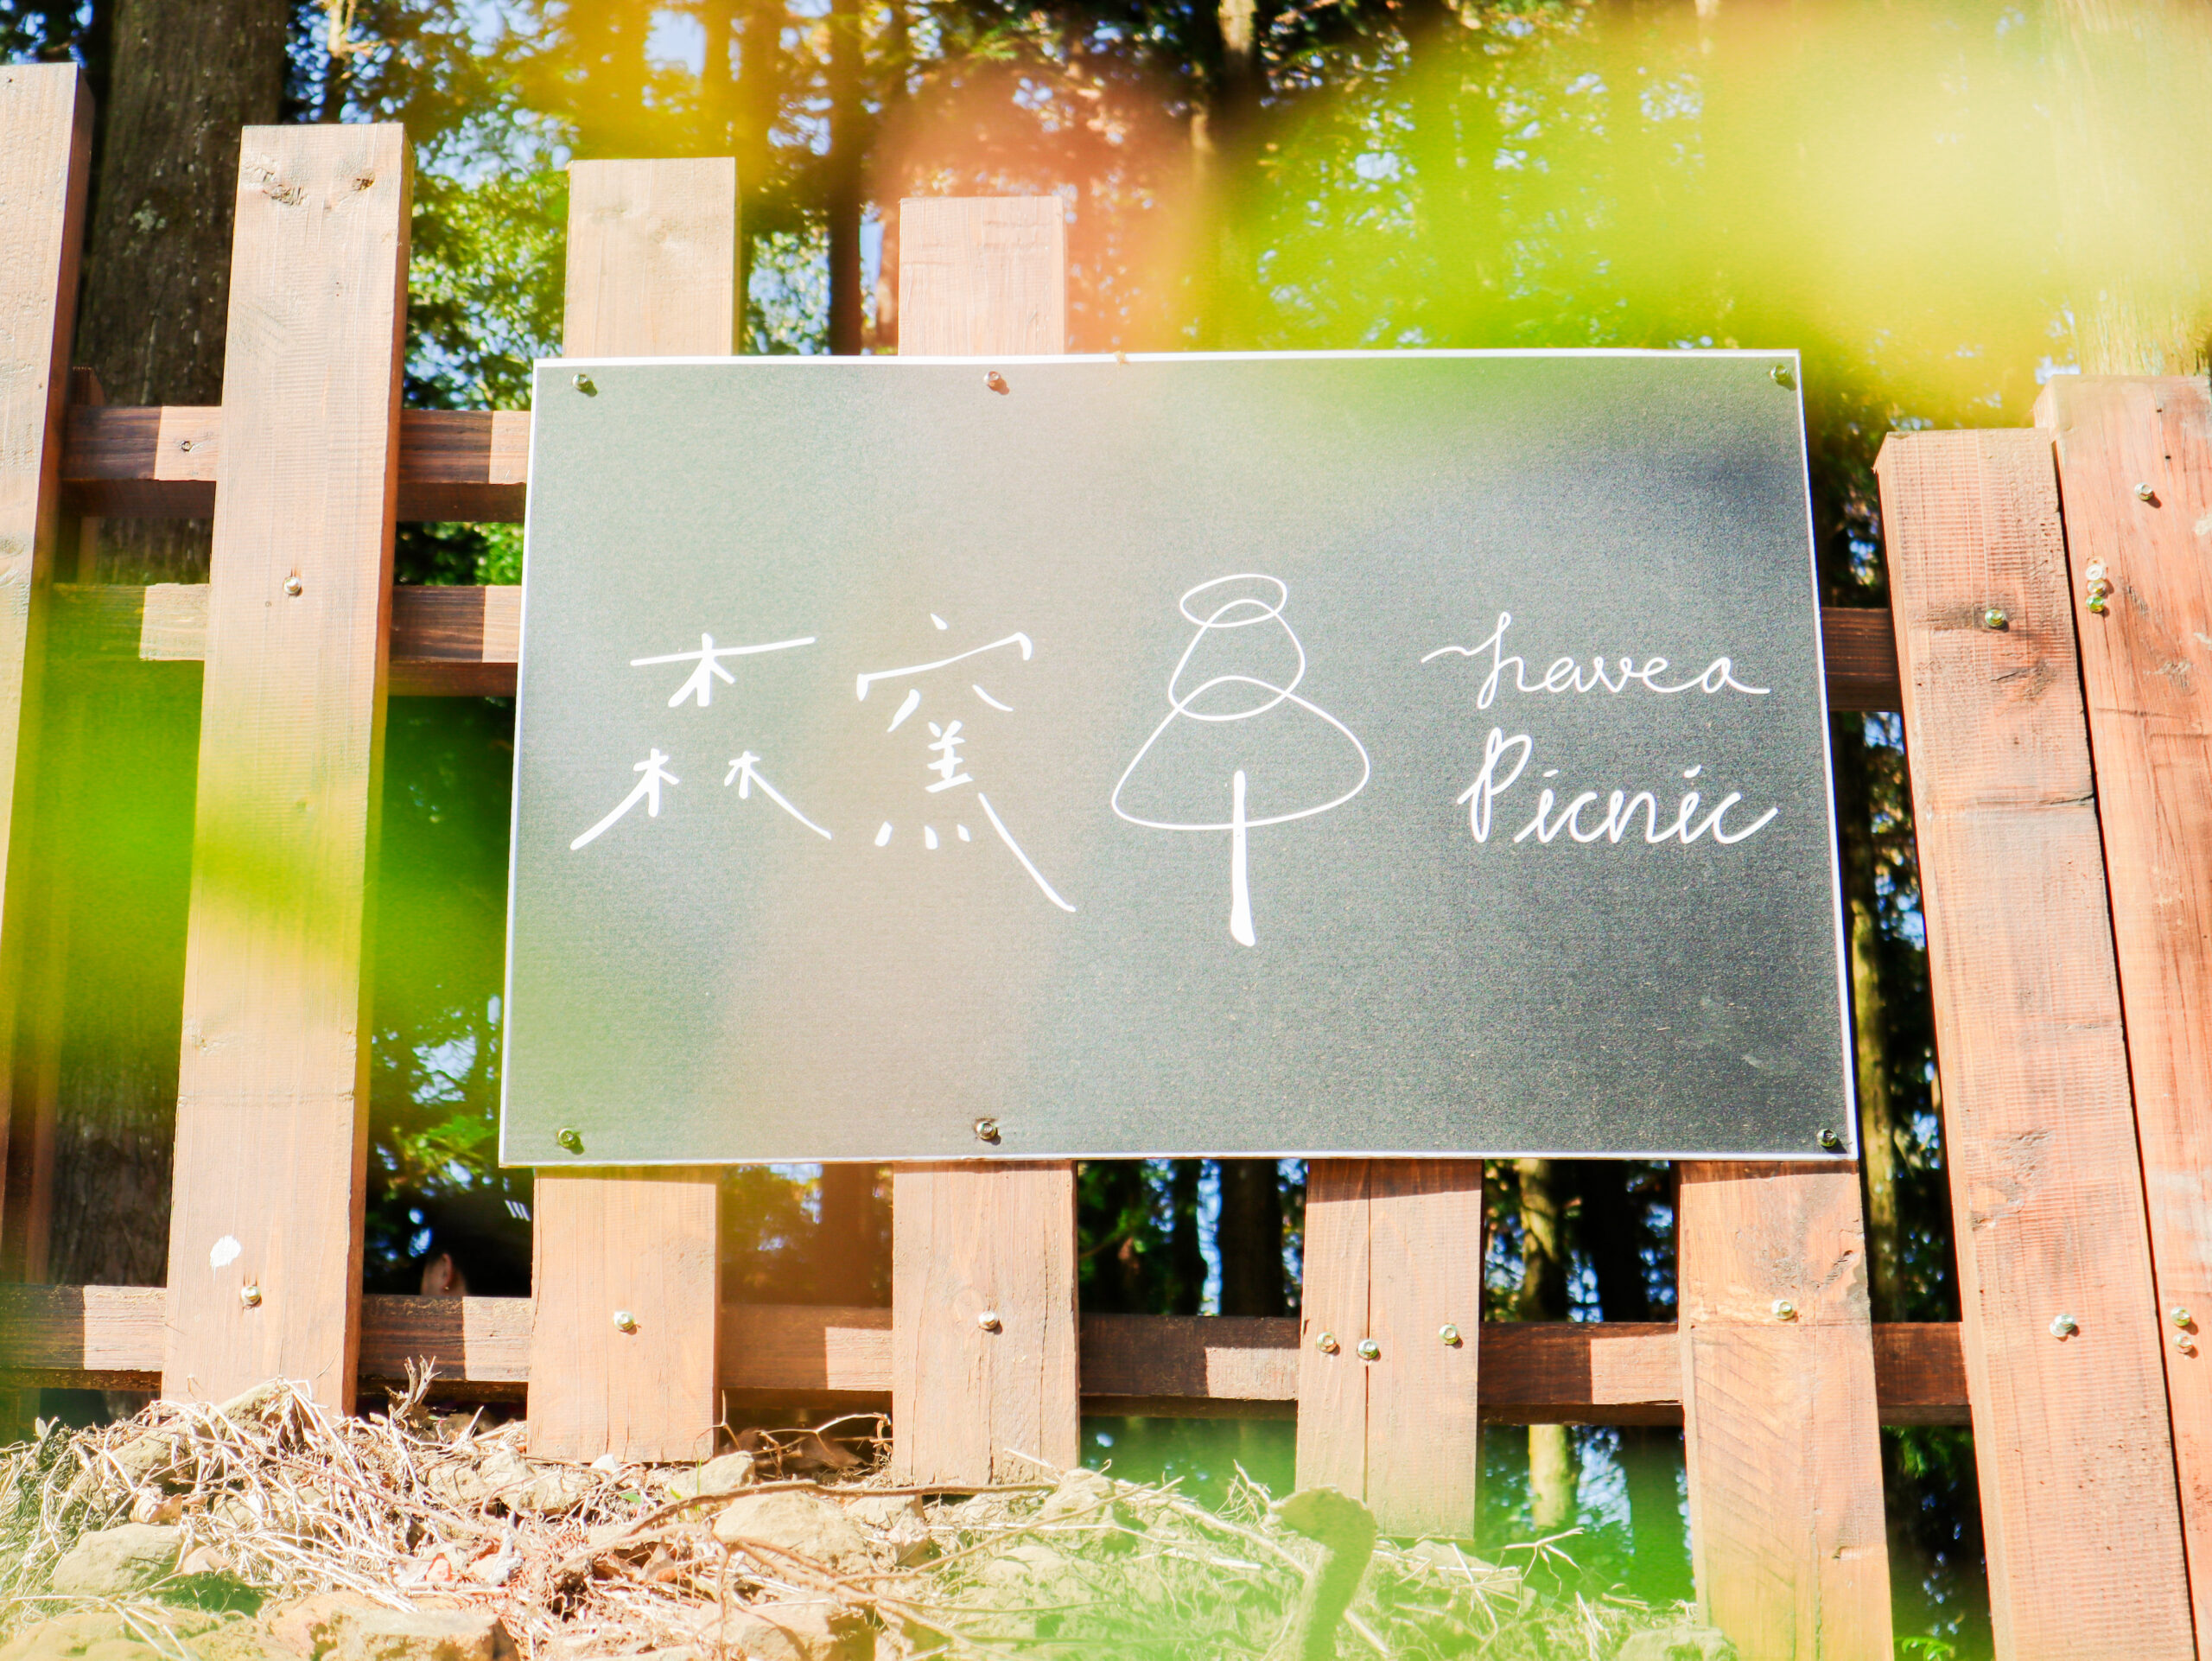 新竹|北埔|五指山|『森窯』have a picnic窯烤披薩|森林中的野餐